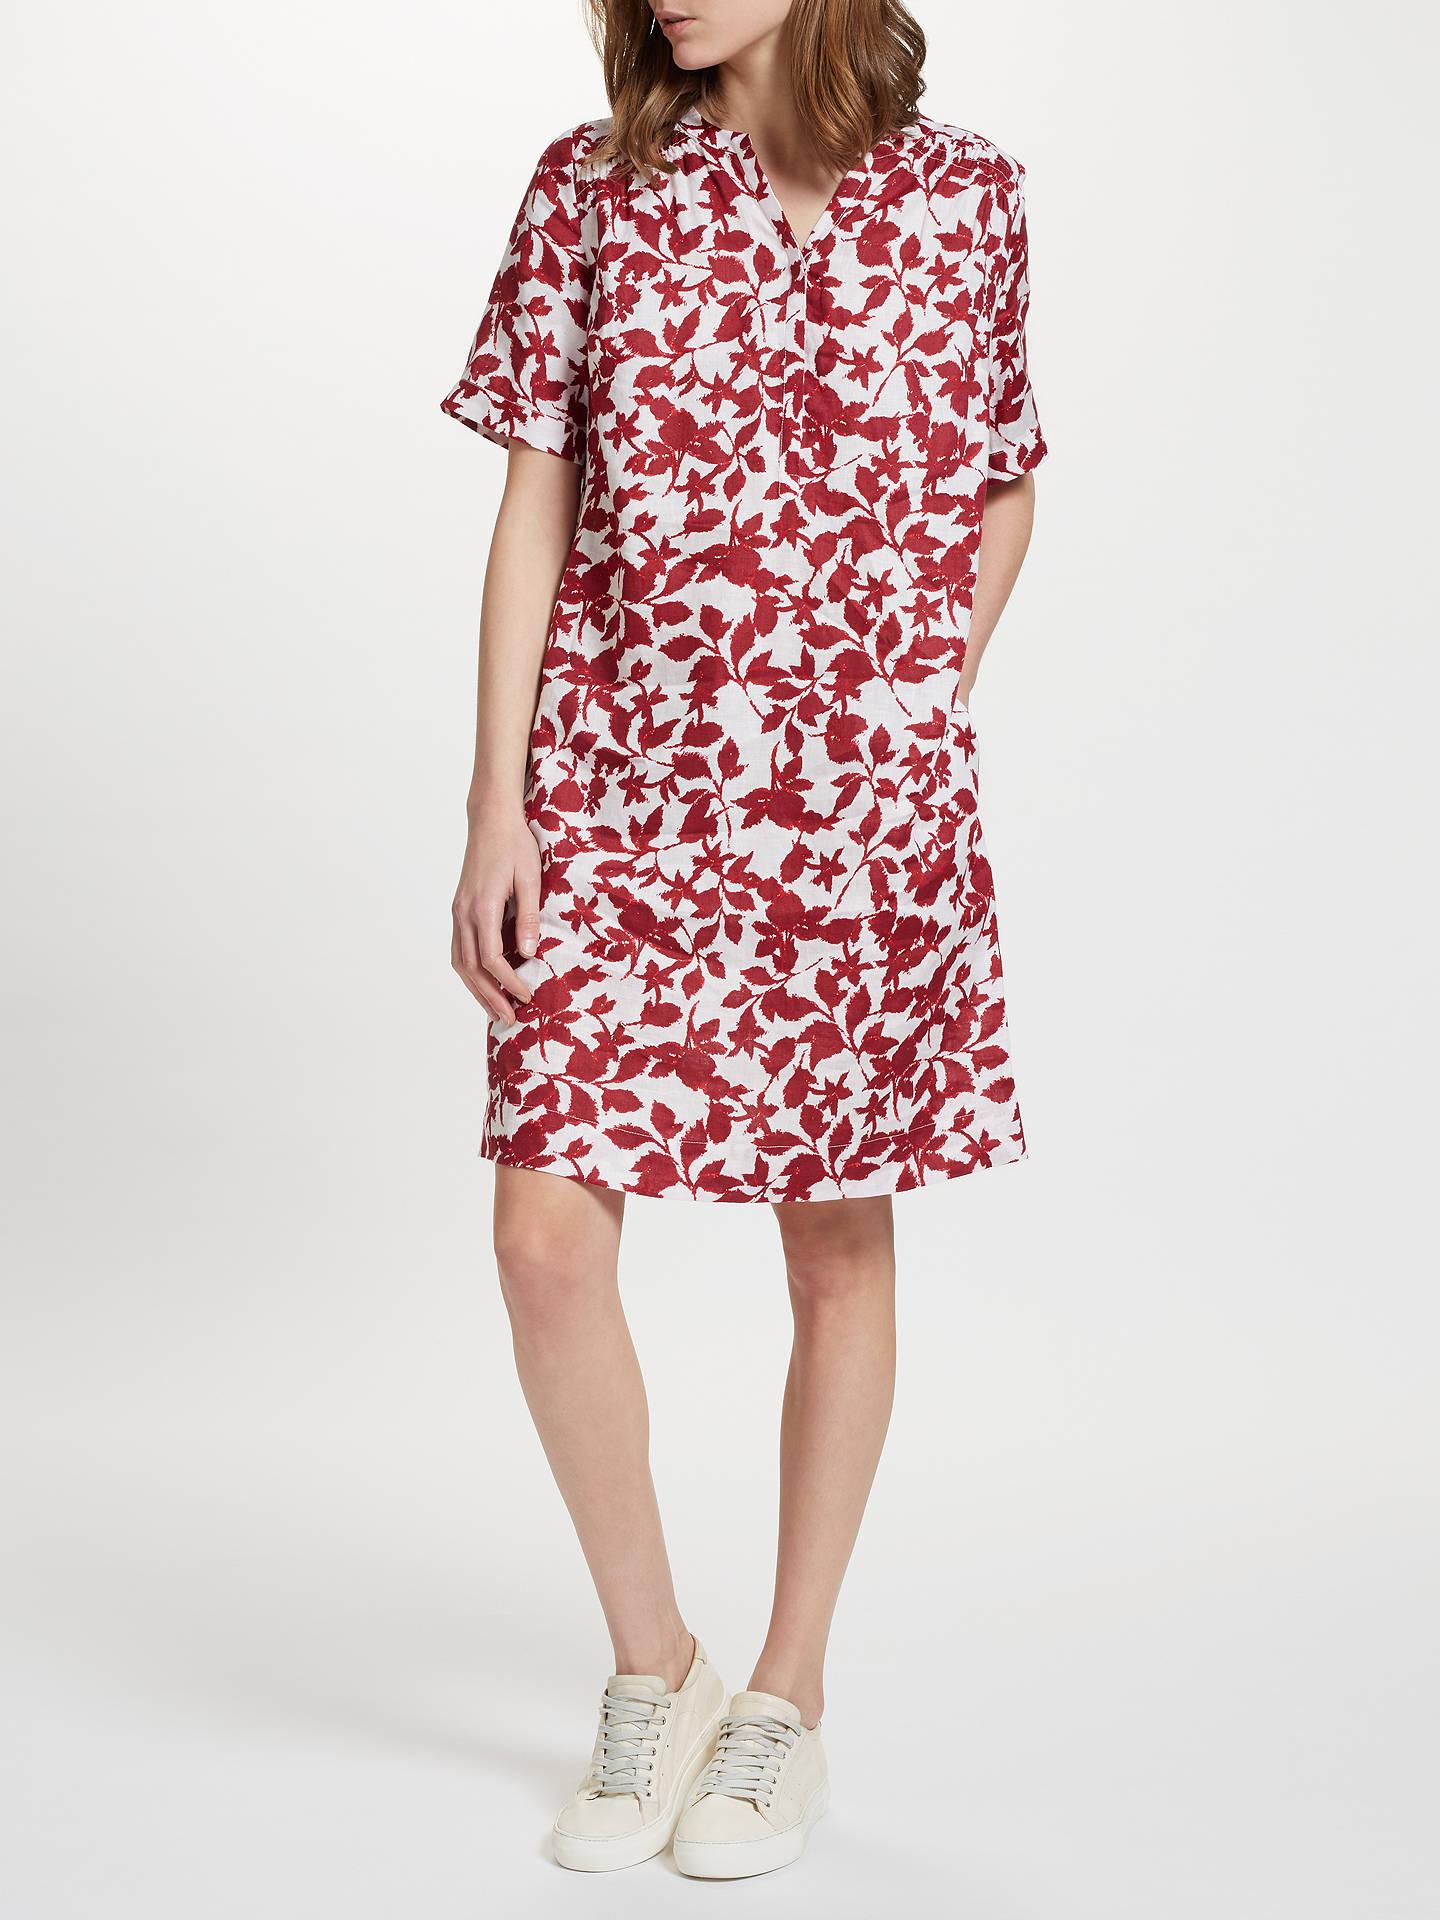 c1eab65368 ... Buy John Lewis Smudge Floral Print Linen V-Neck Dress